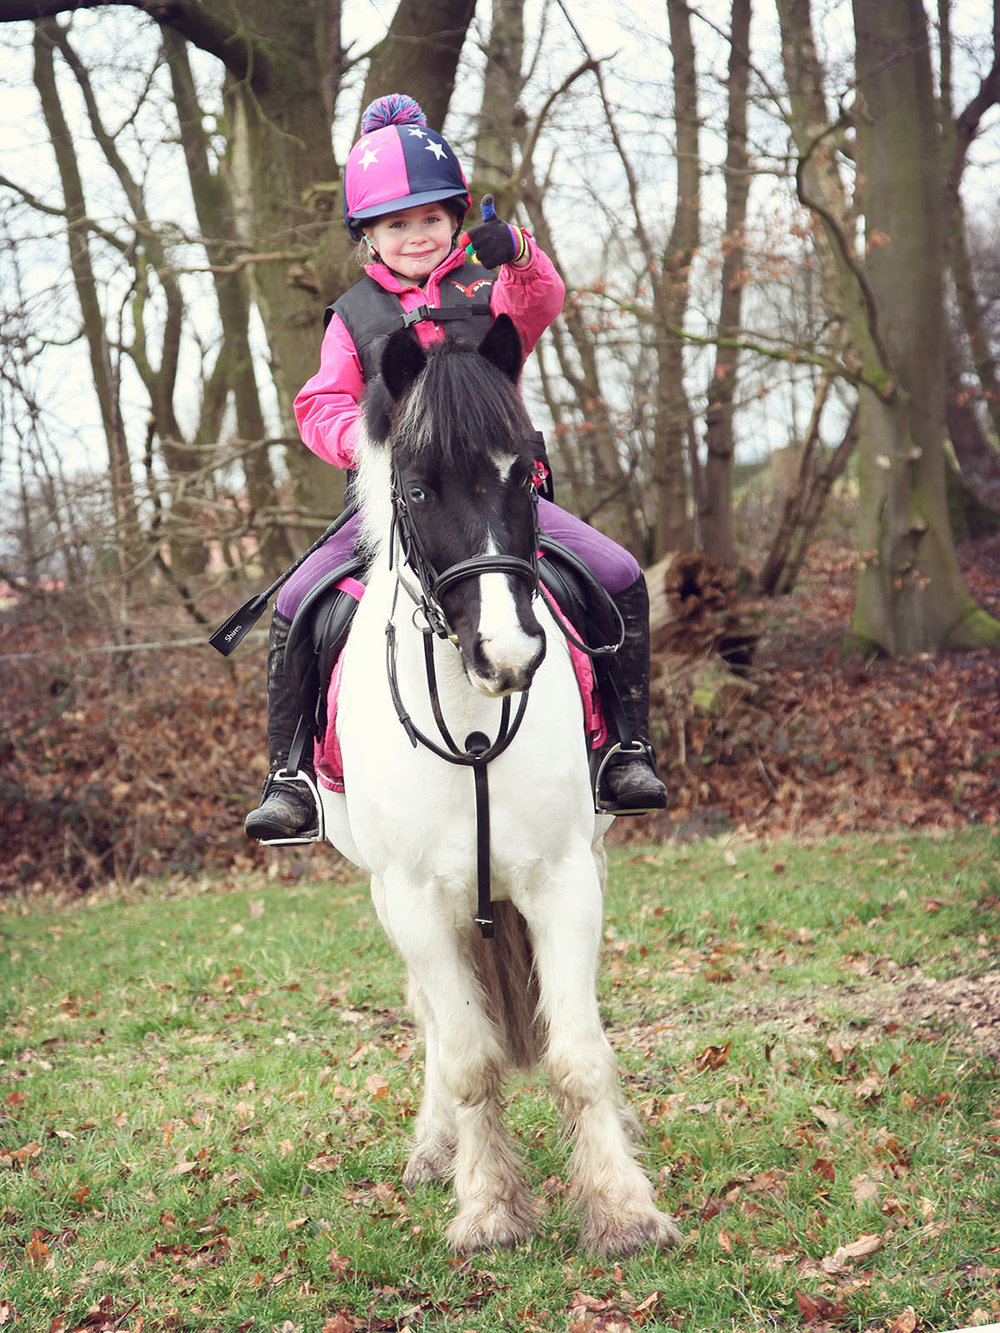 bertie_gamston_wood_equestrian.jpg